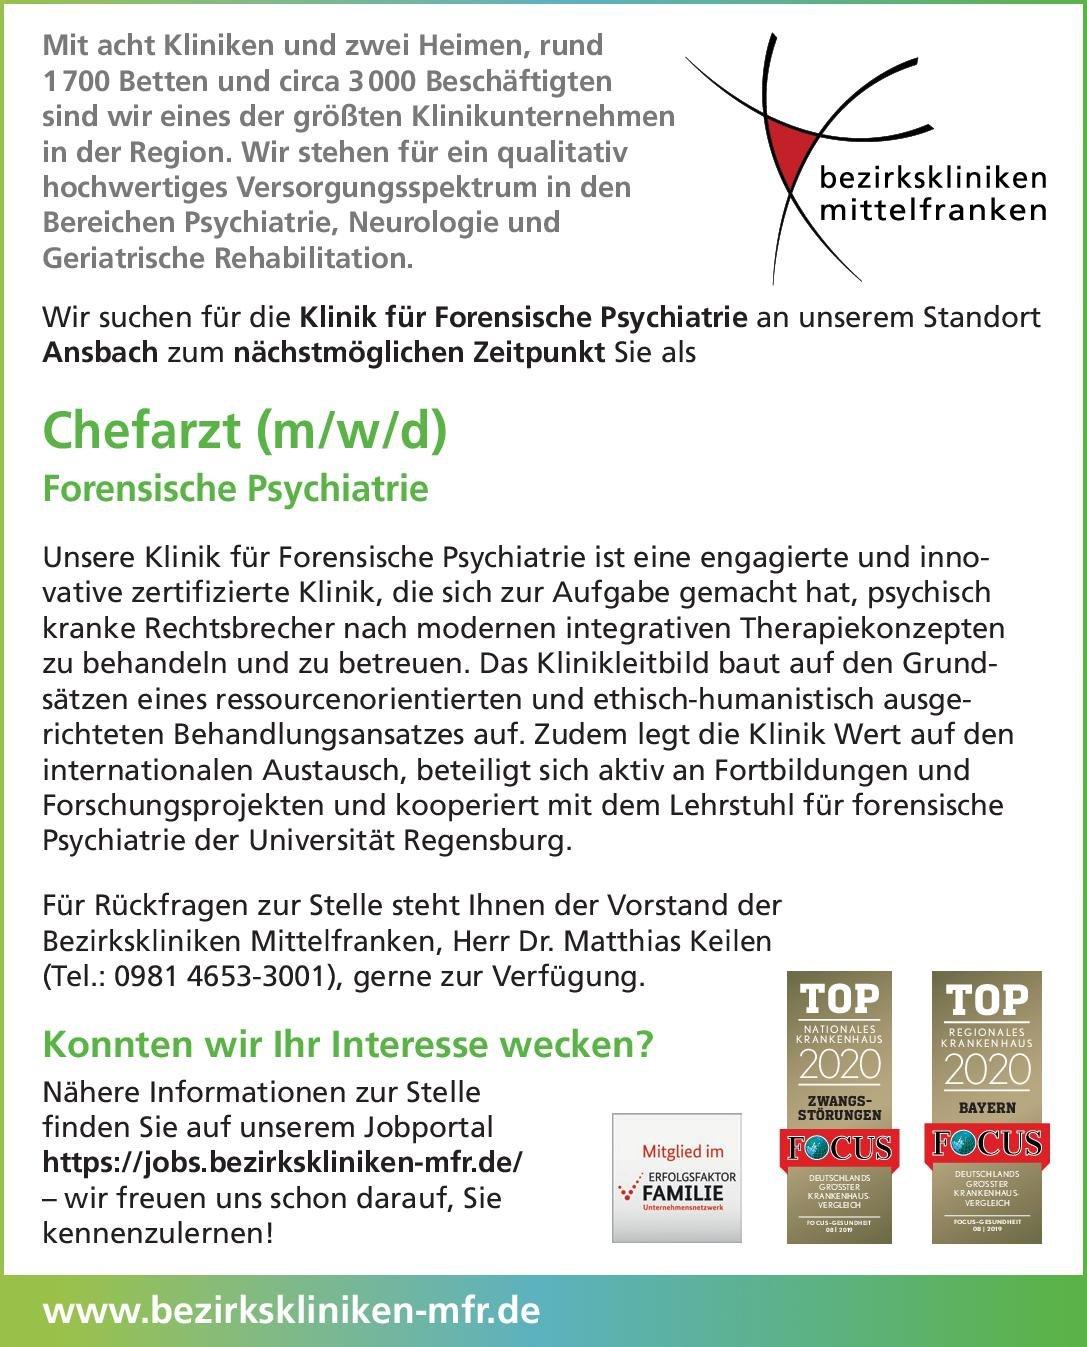 Bezirkskliniken Mittelfranken- Ansbach Chefarzt (m/w/d) Forensische Psychiatrie  Forensische Psychiatrie, Psychiatrie und Psychotherapie Chefarzt